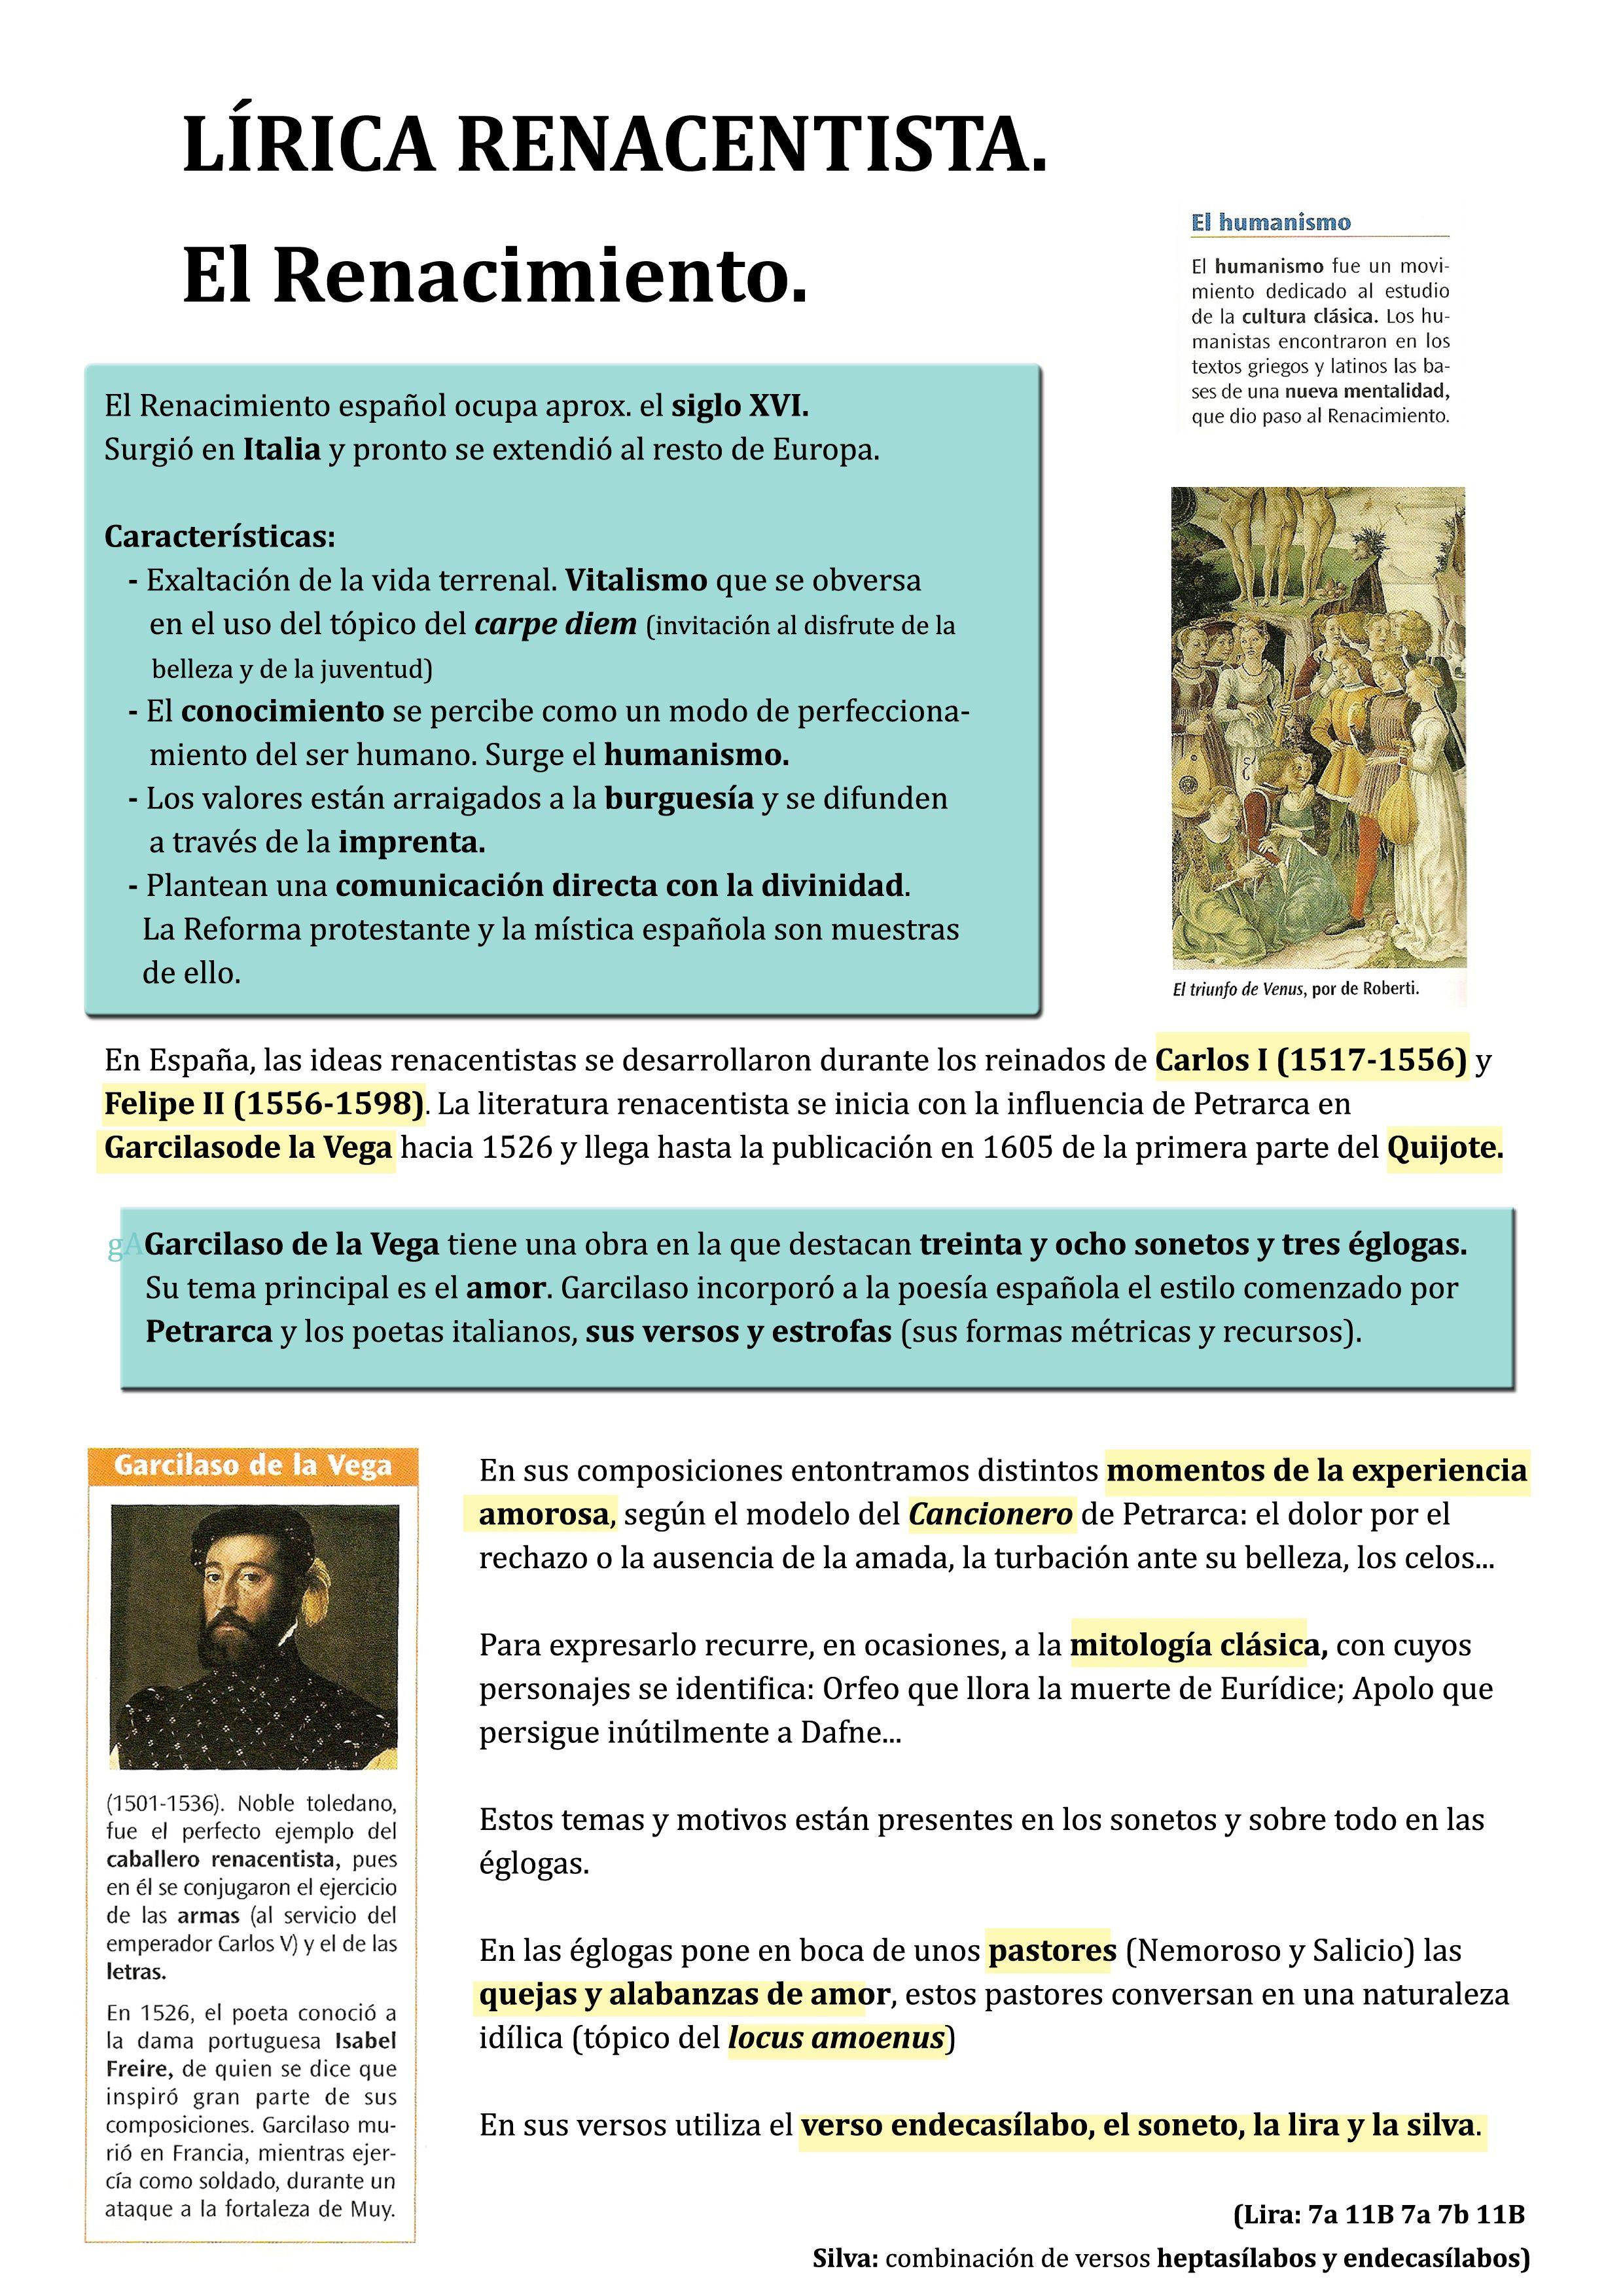 Apuntes Para 3º De Eso Sobre Lírica Renacentista Y Garcilaso De La Vega Literatura Española Renacimiento Literatura Historia De La Literatura